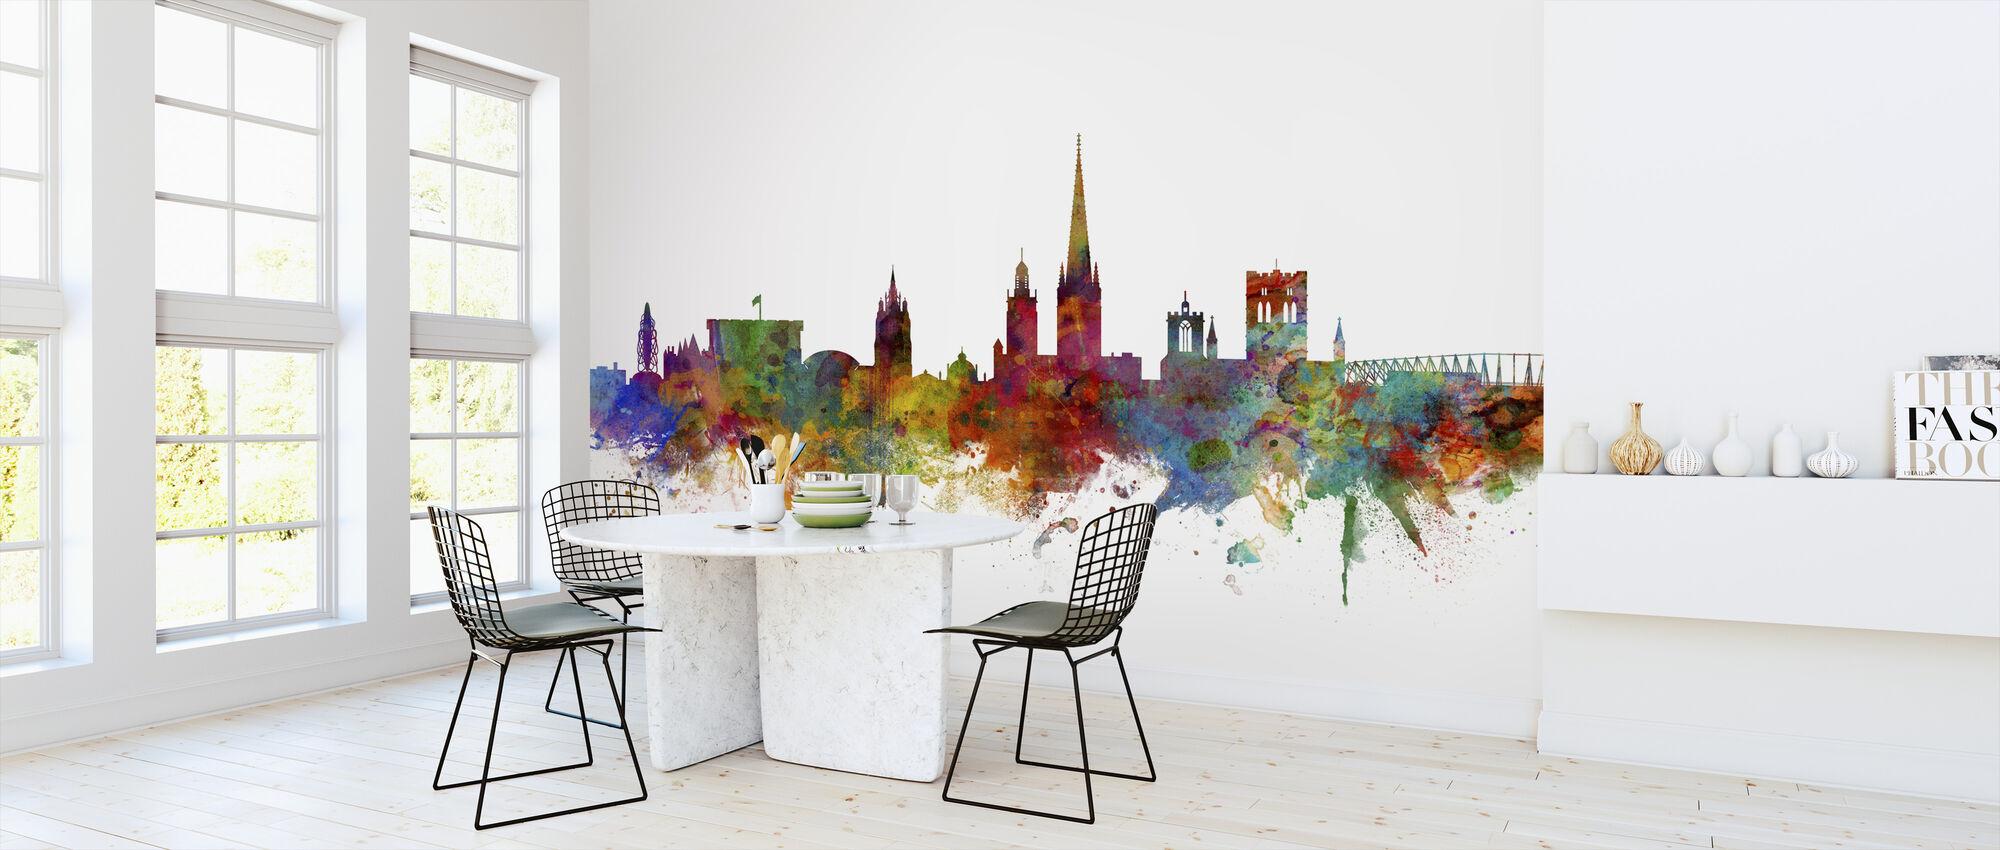 Norwich England Skyline - Wallpaper - Kitchen